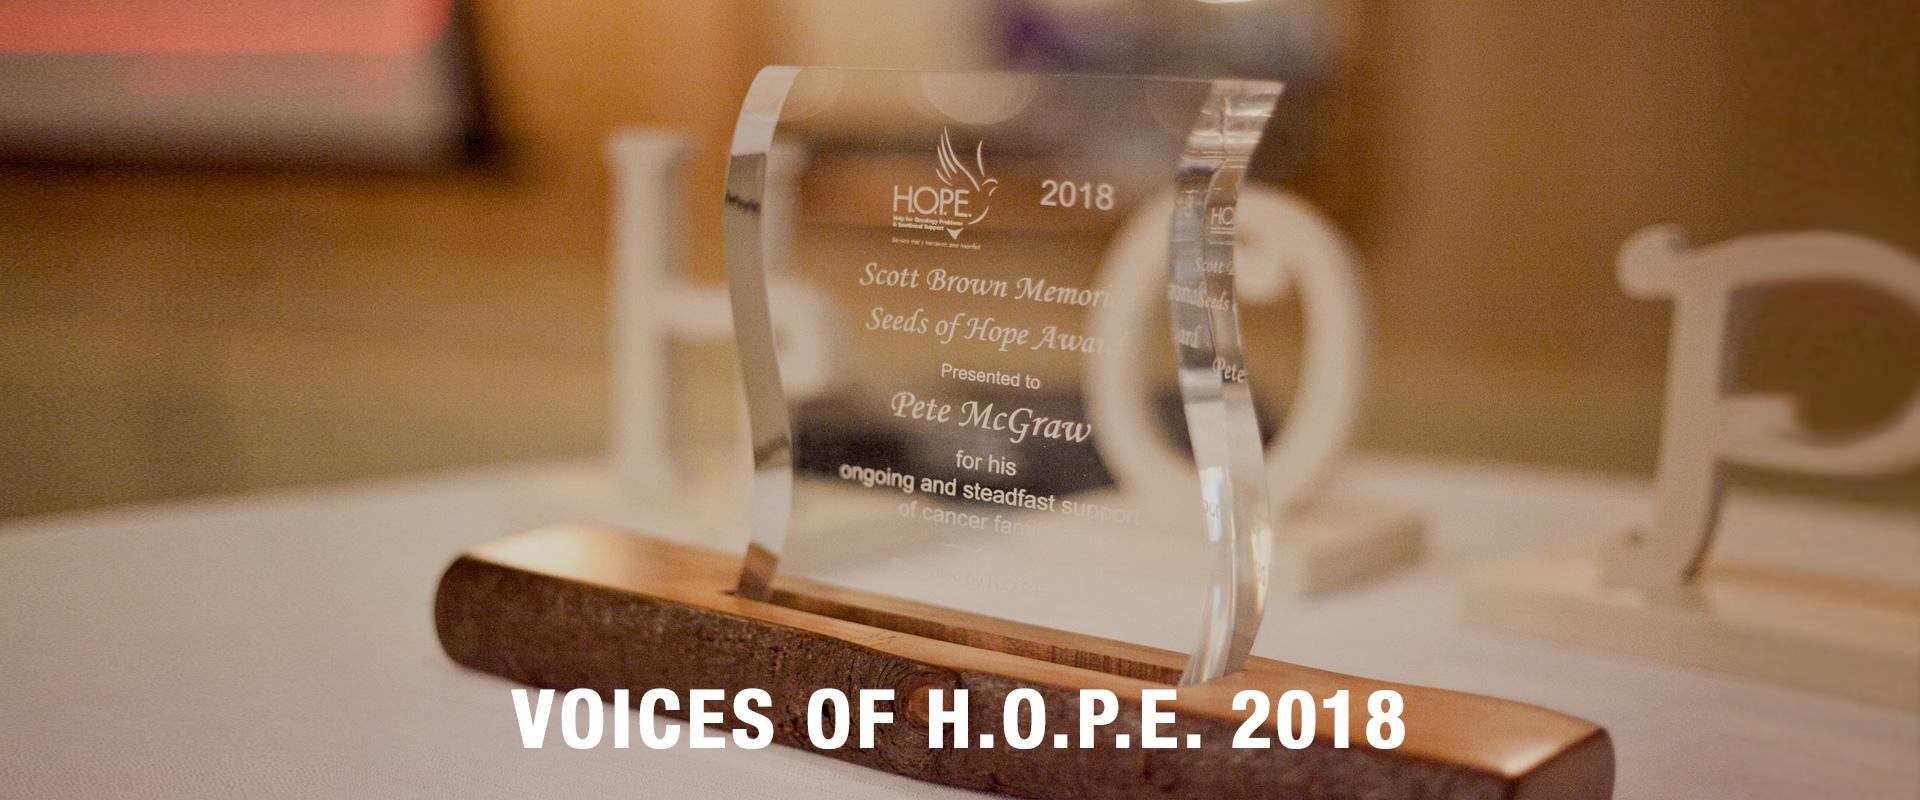 Voices of H.O.P.E. 2018 - 6